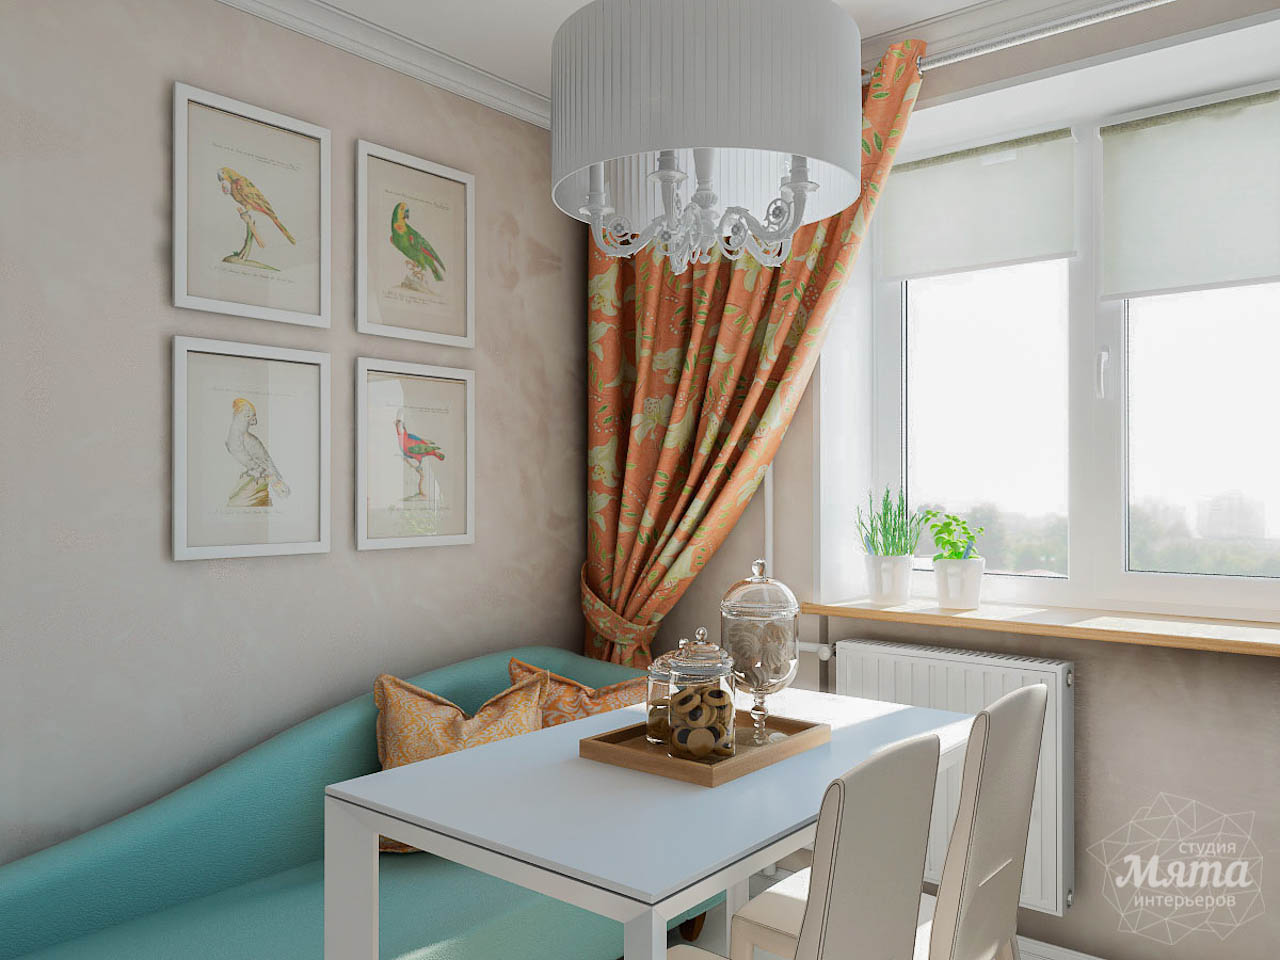 Дизайн интерьера однокомнатной квартиры по ул. Мичурина 231 img115742454